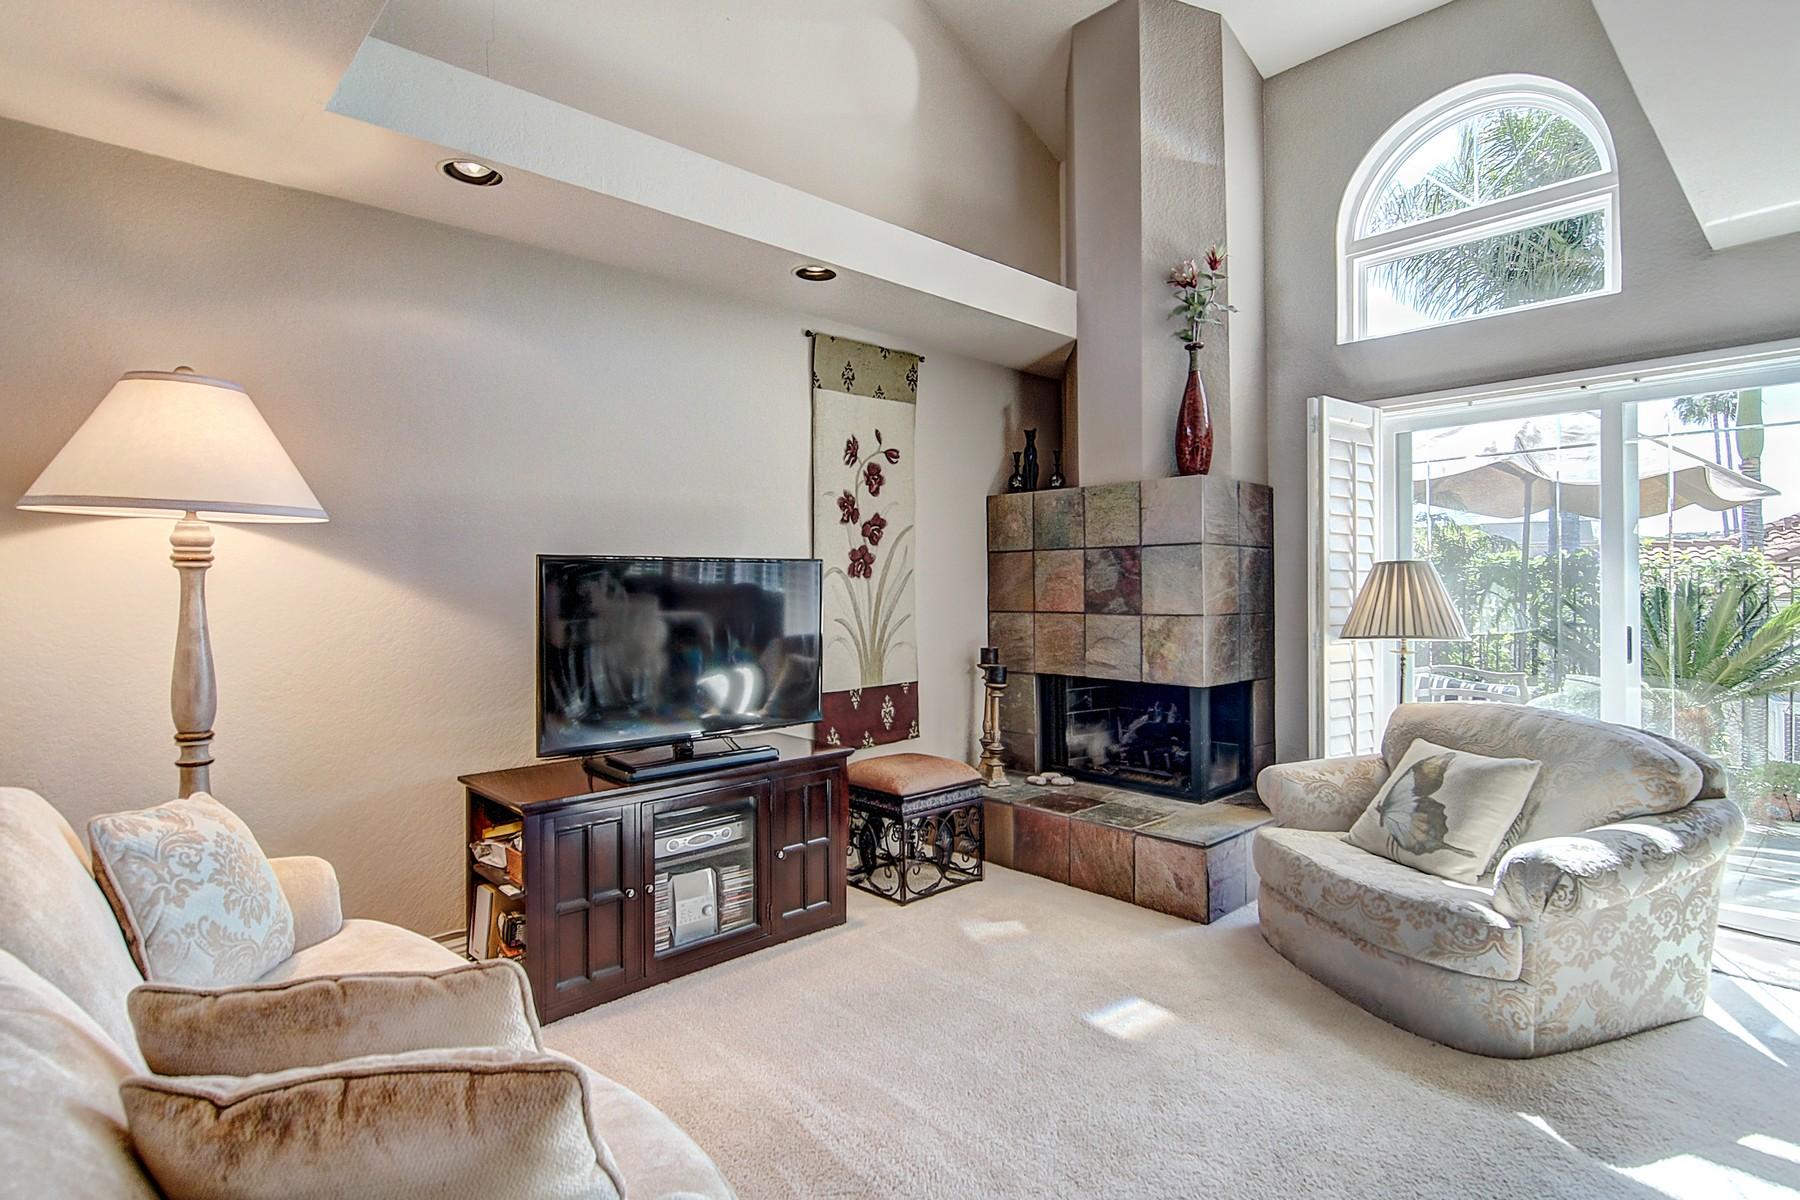 共管式独立产权公寓 为 销售 在 32401 Barkentine Bl #42 尼古胡, 加利福尼亚州, 92677 美国